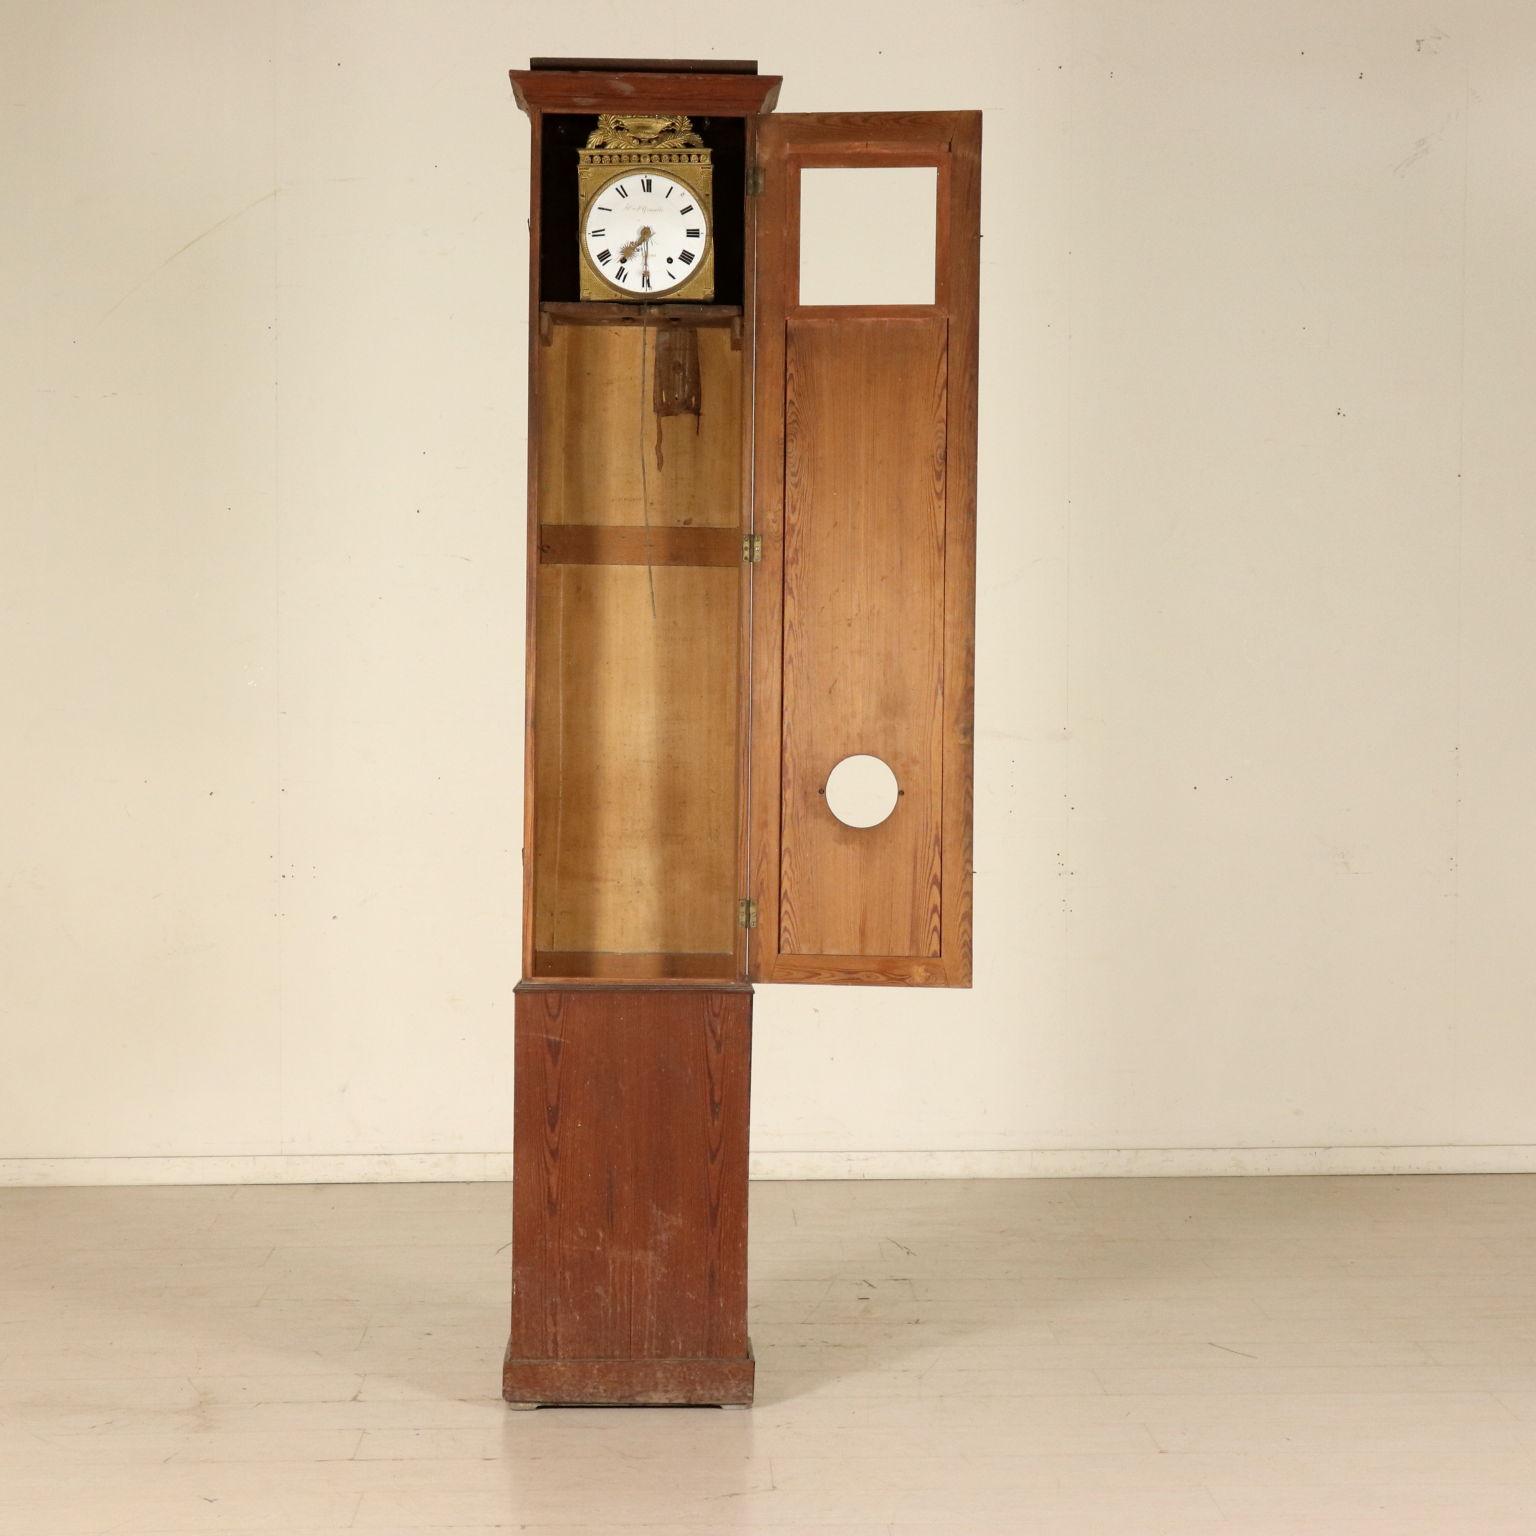 Orologio a torre altri mobili antiquariato for Antiquariato mobili